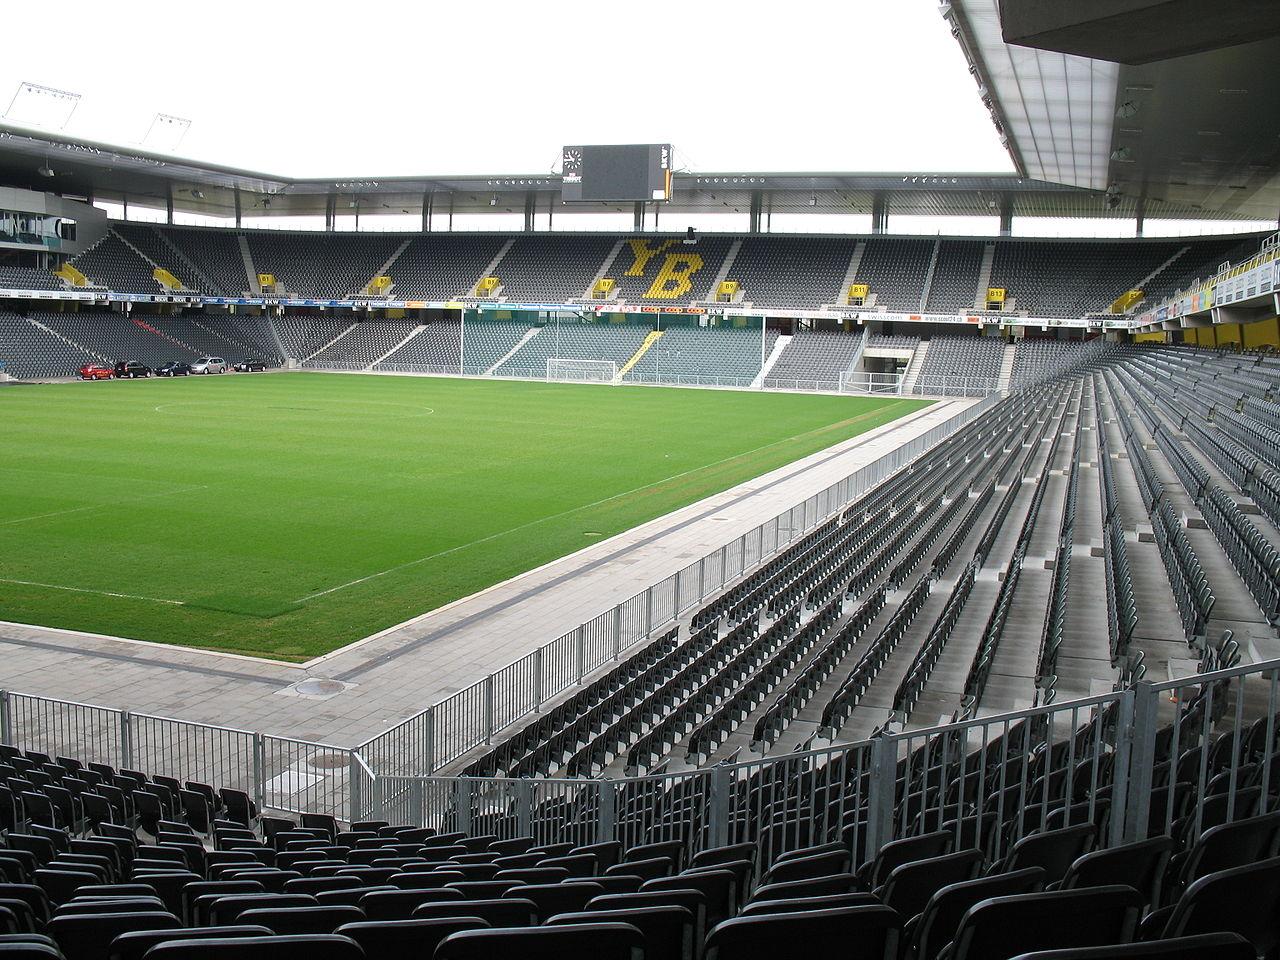 เบิร์น -สนามฟุตบอล